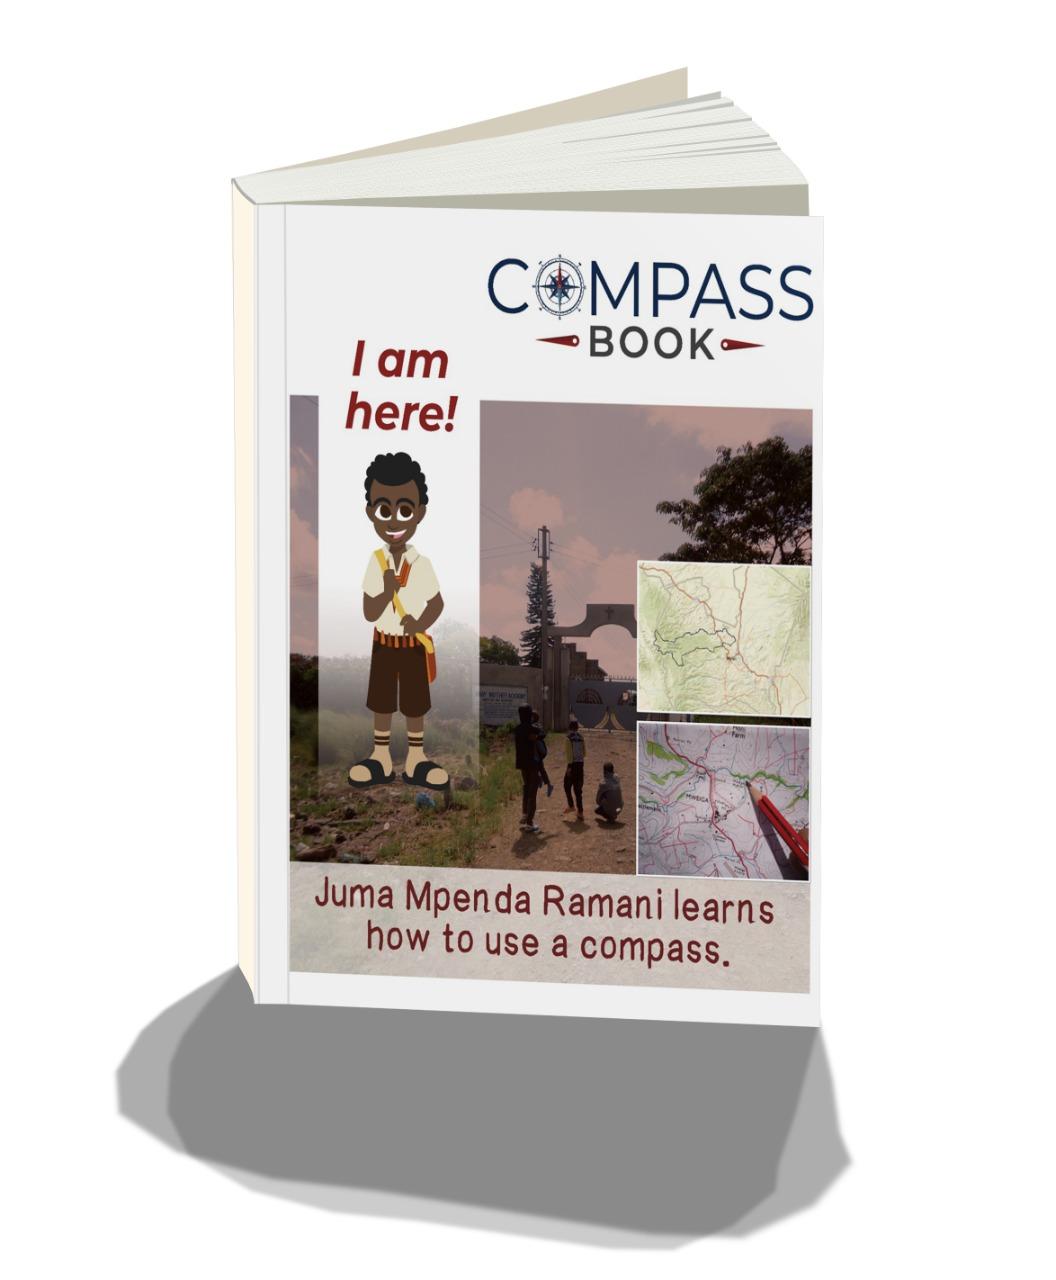 Compass Book